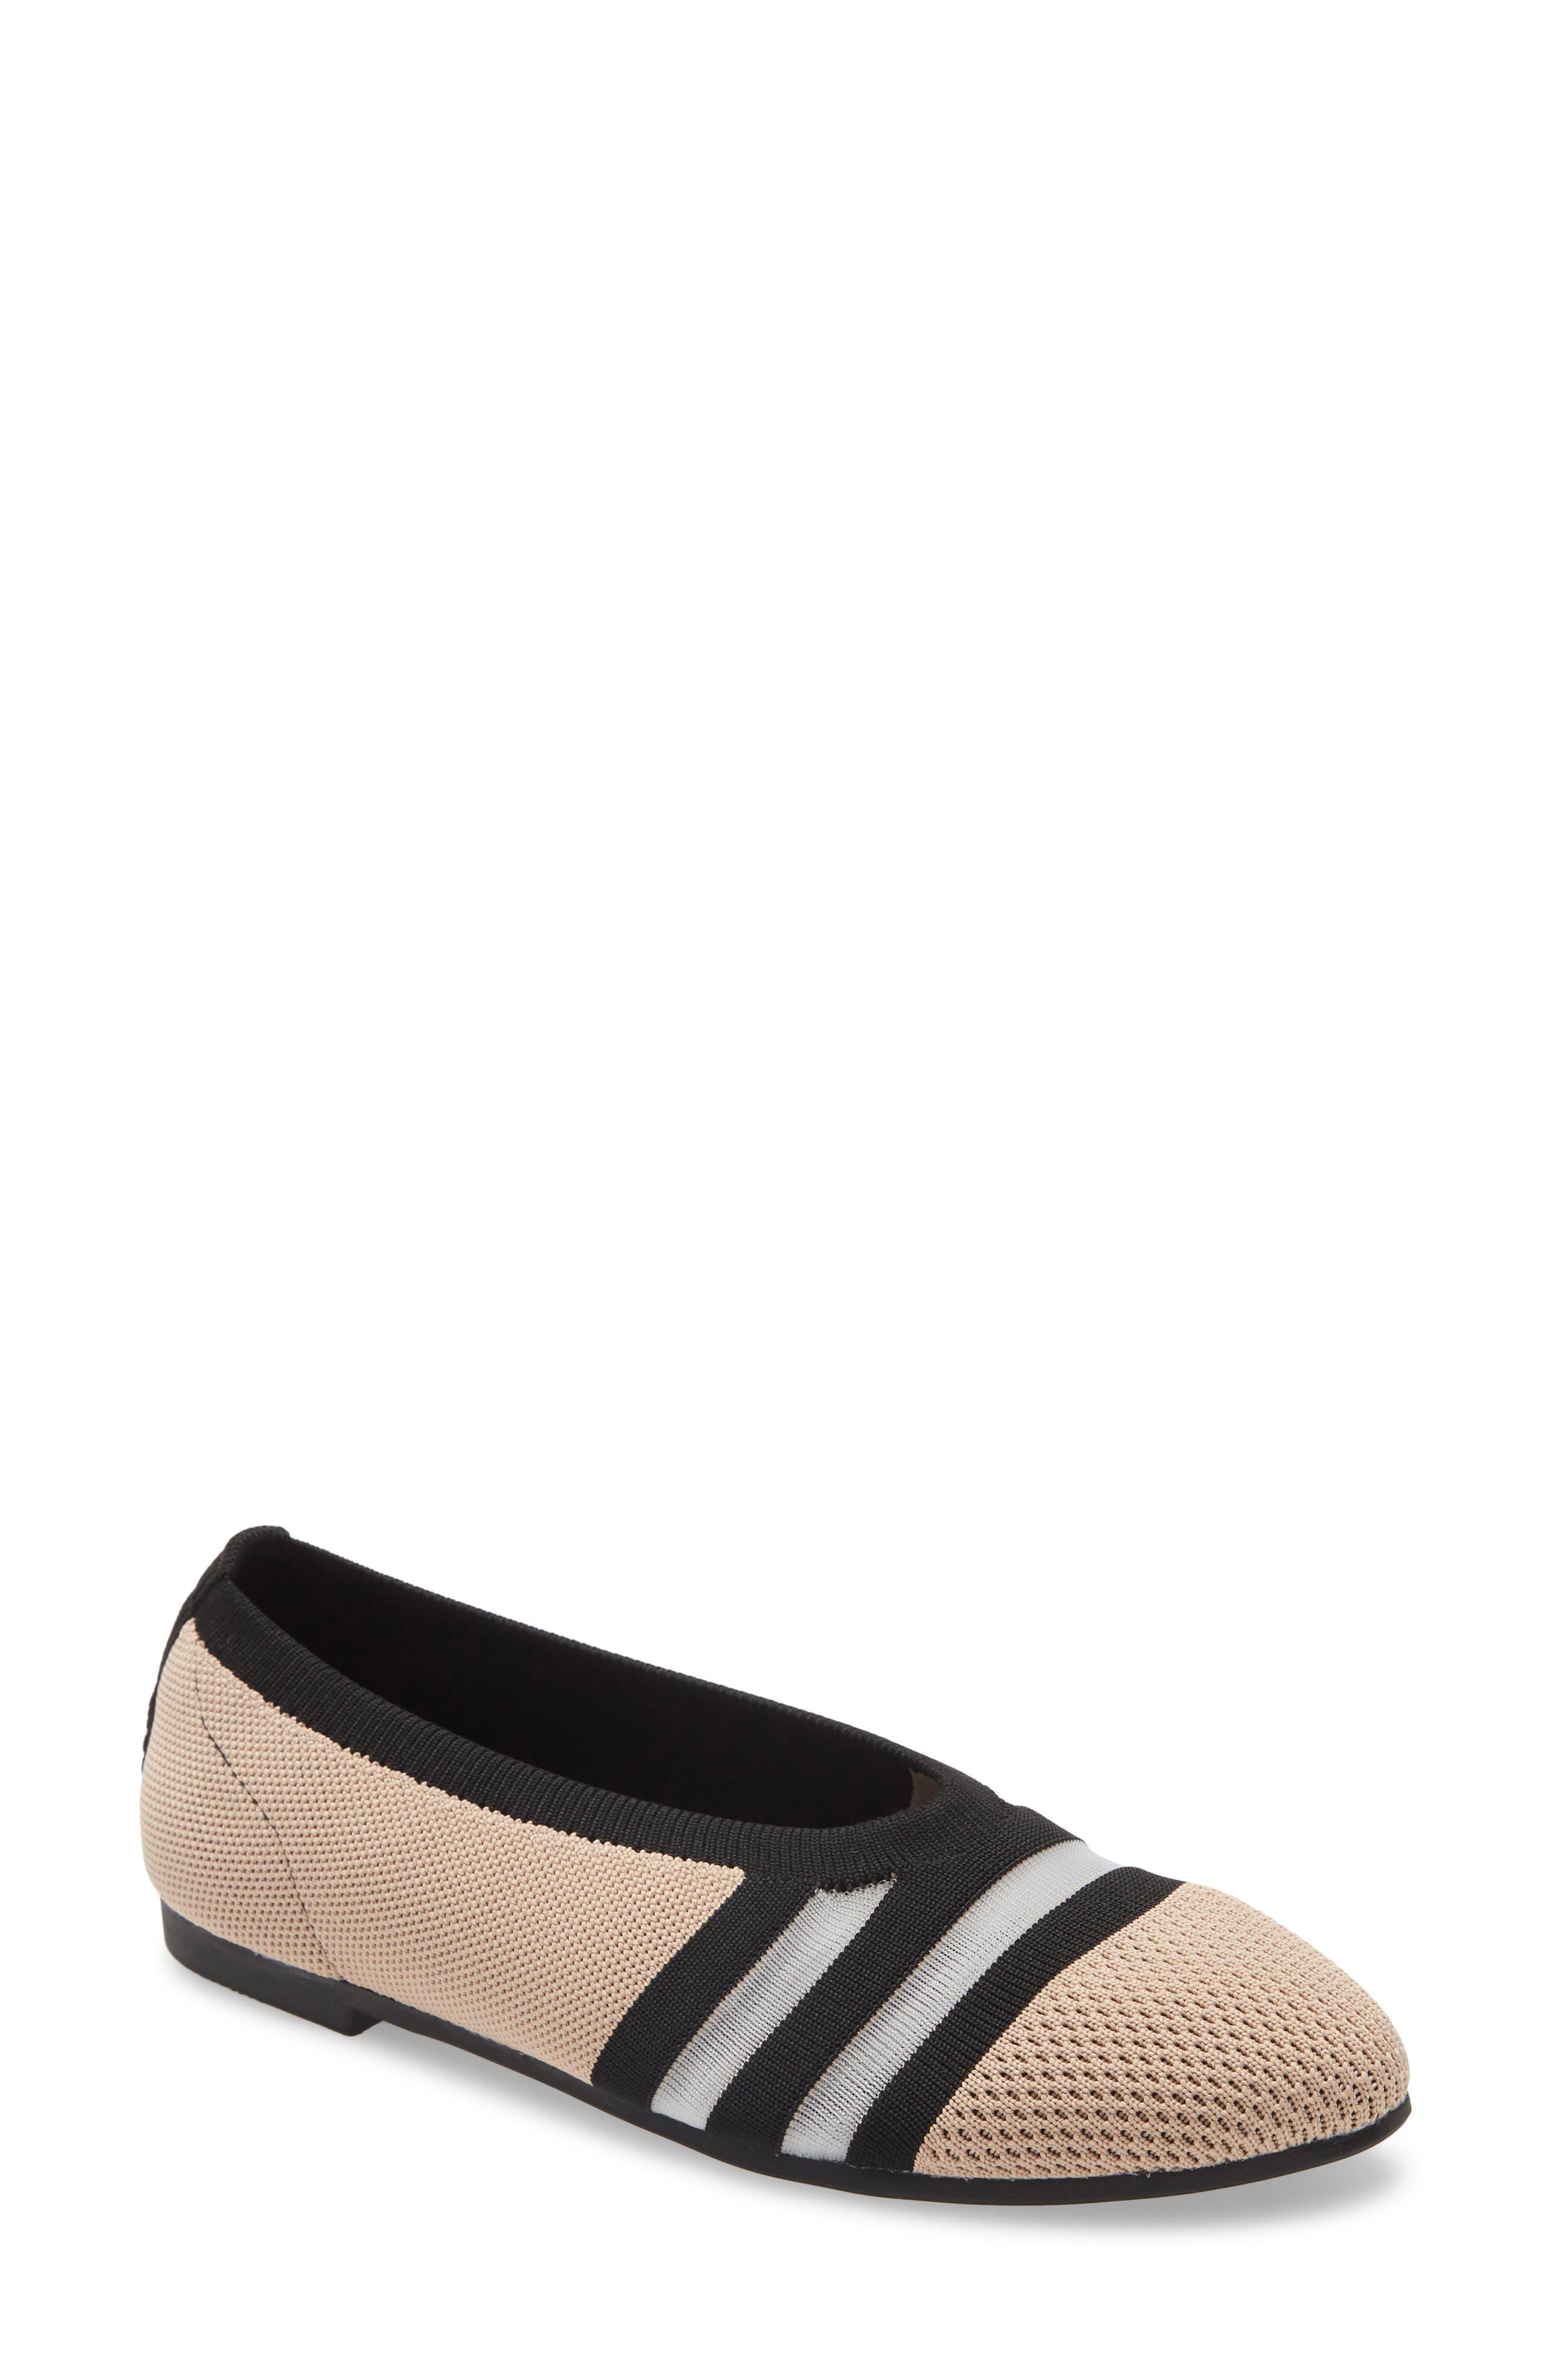 . Mallow Ballet Flat